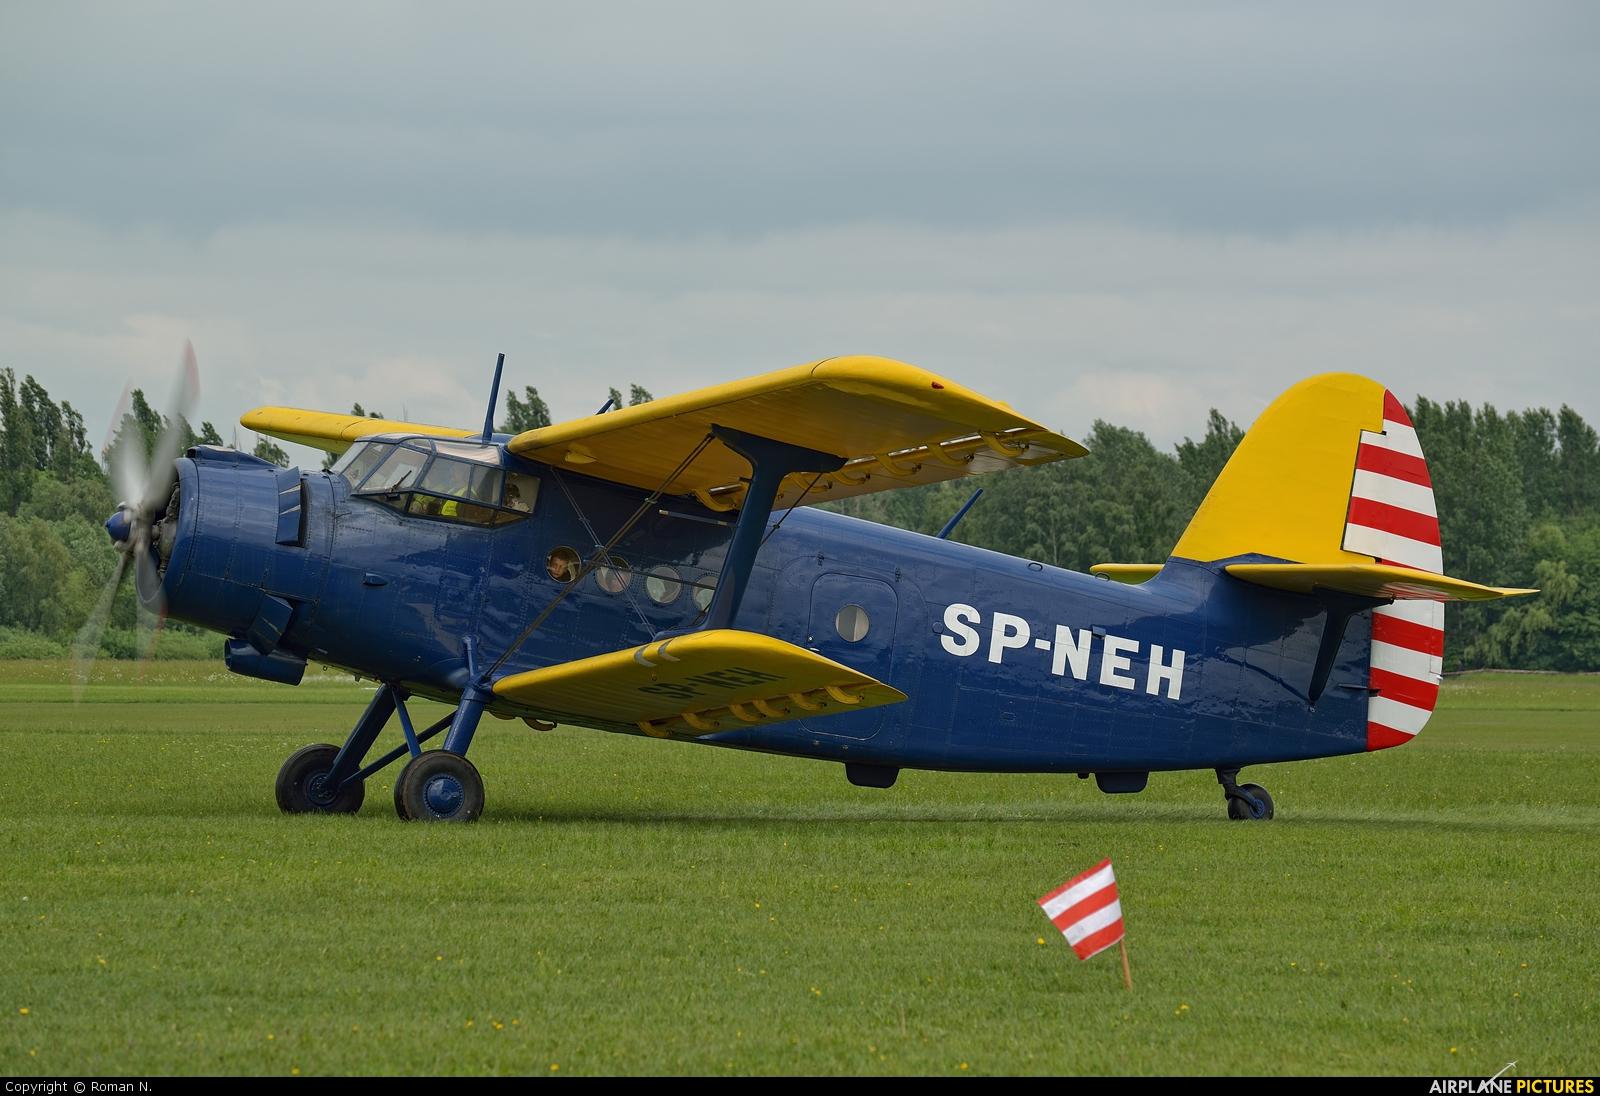 Aeroclub Zaglebia Miedziowego SP-NEH aircraft at Płock